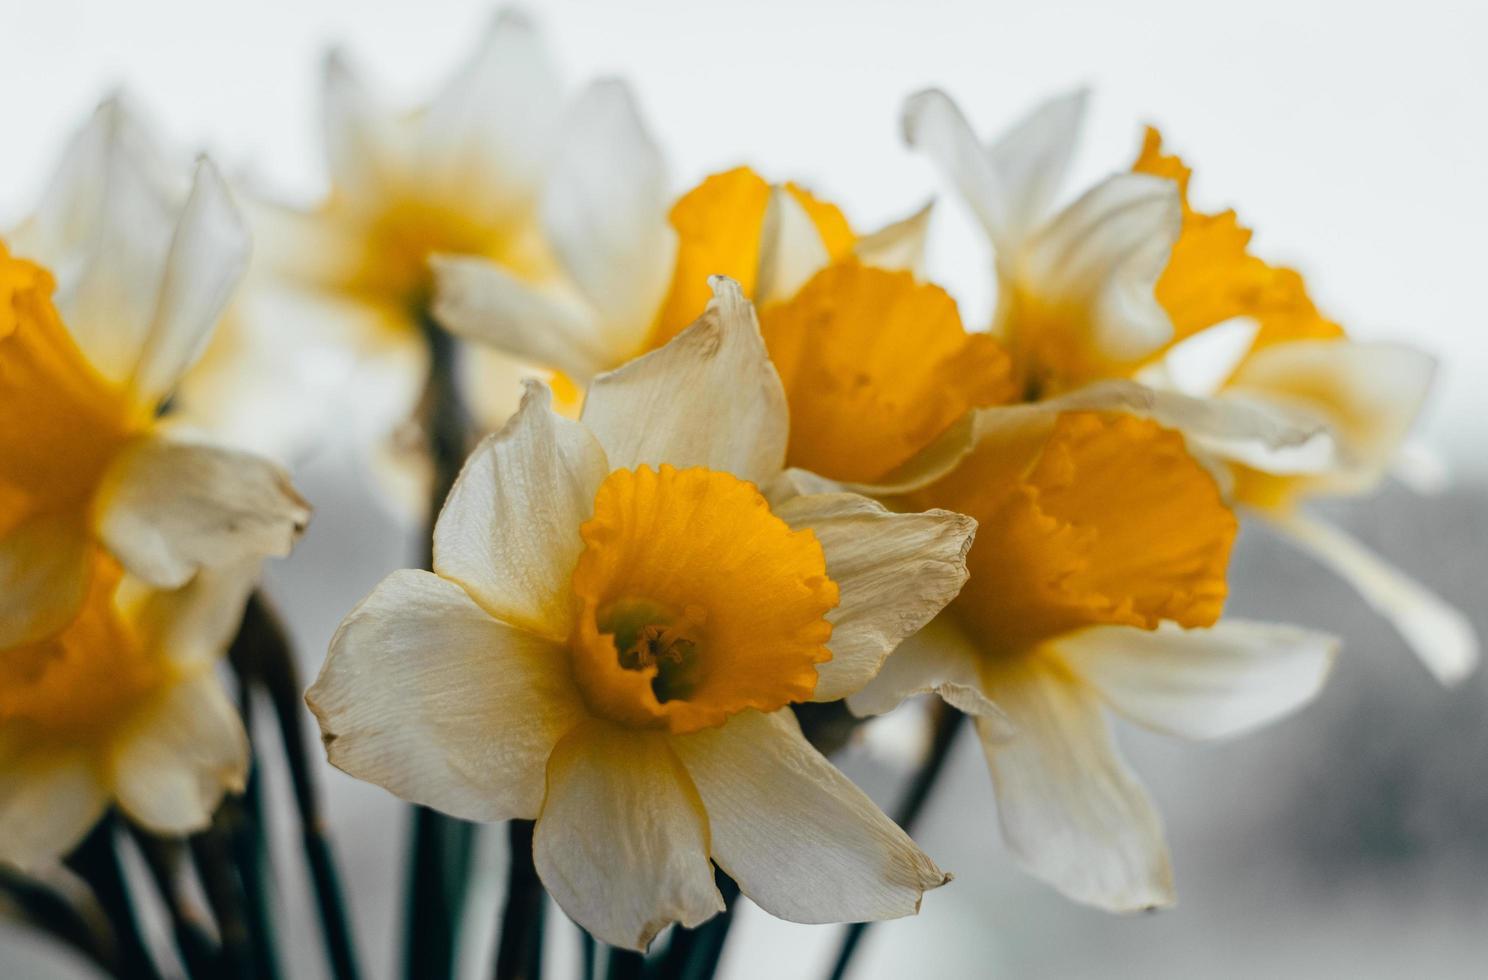 buquê de narcisos da primavera foto